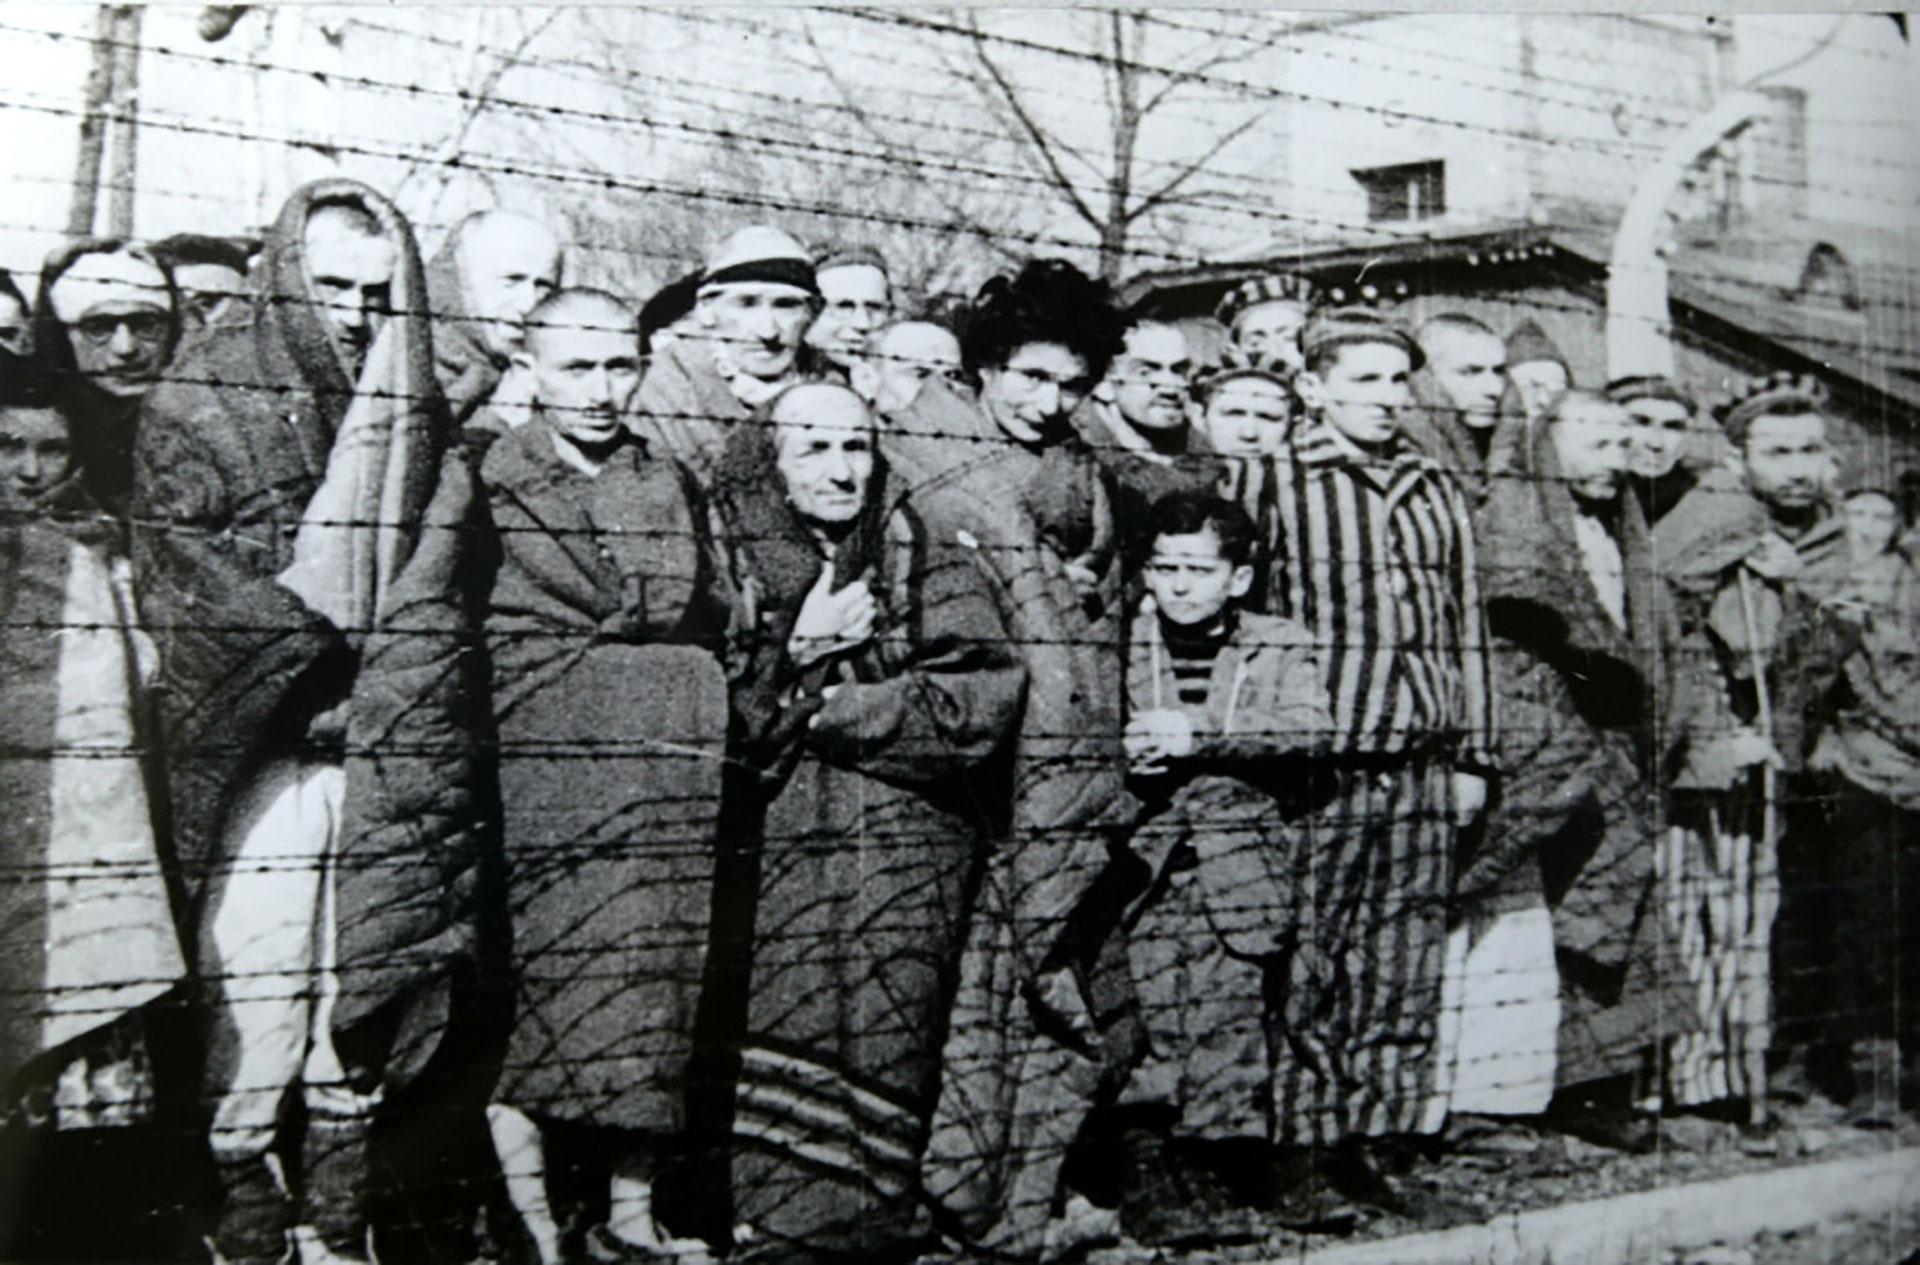 30 imágenes del horror de Auschwitz, un emblema del nazismo - Infobae